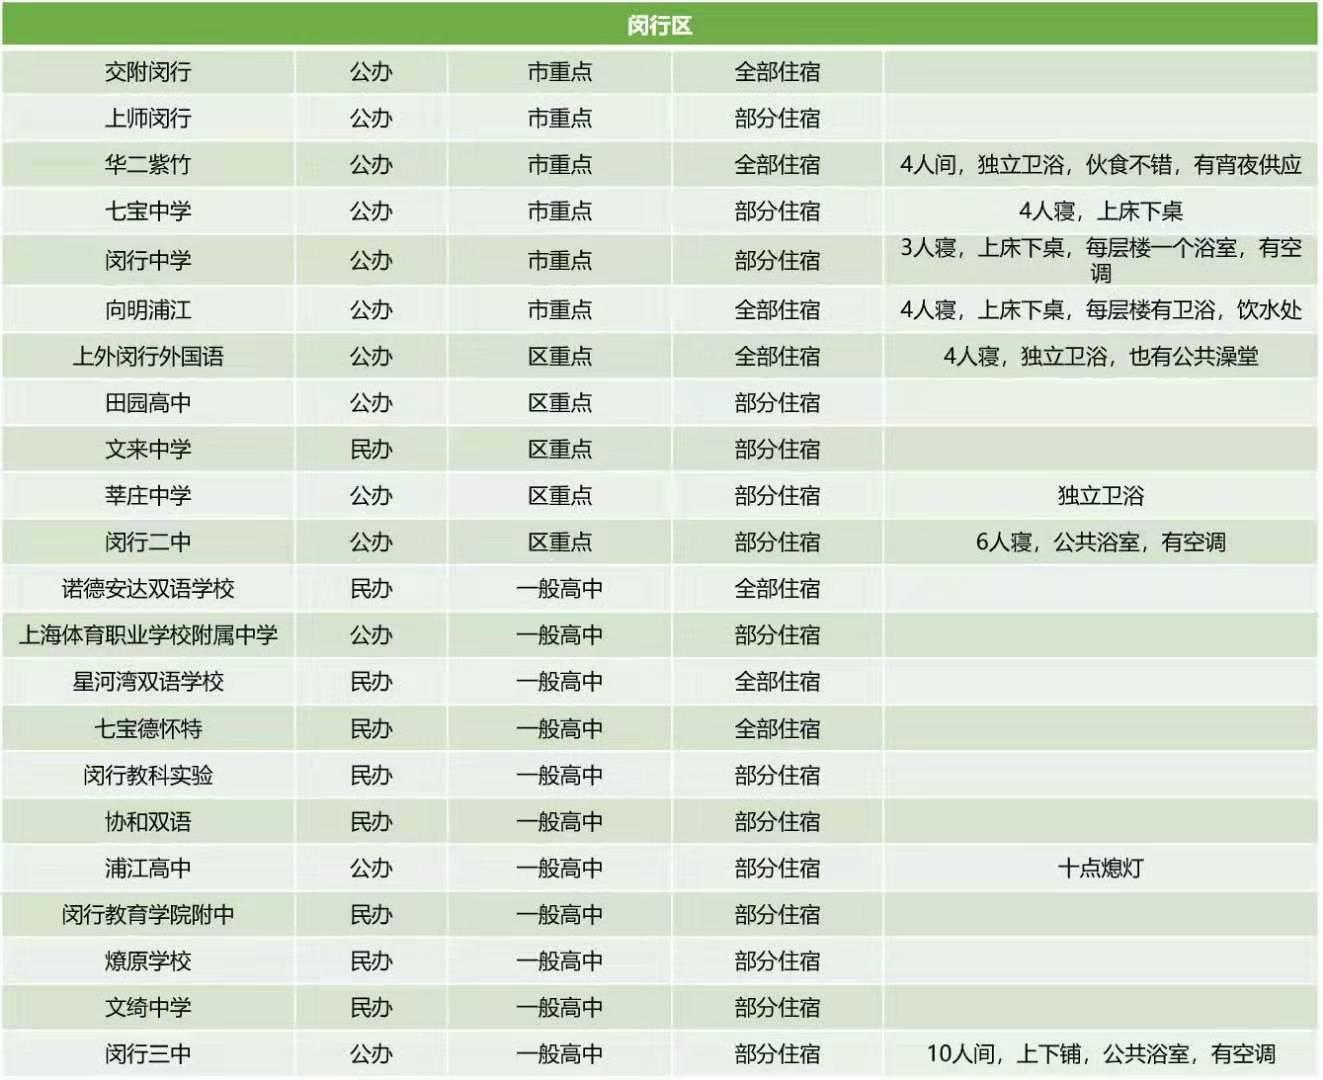 上海闵行各公办民办高中住宿条件